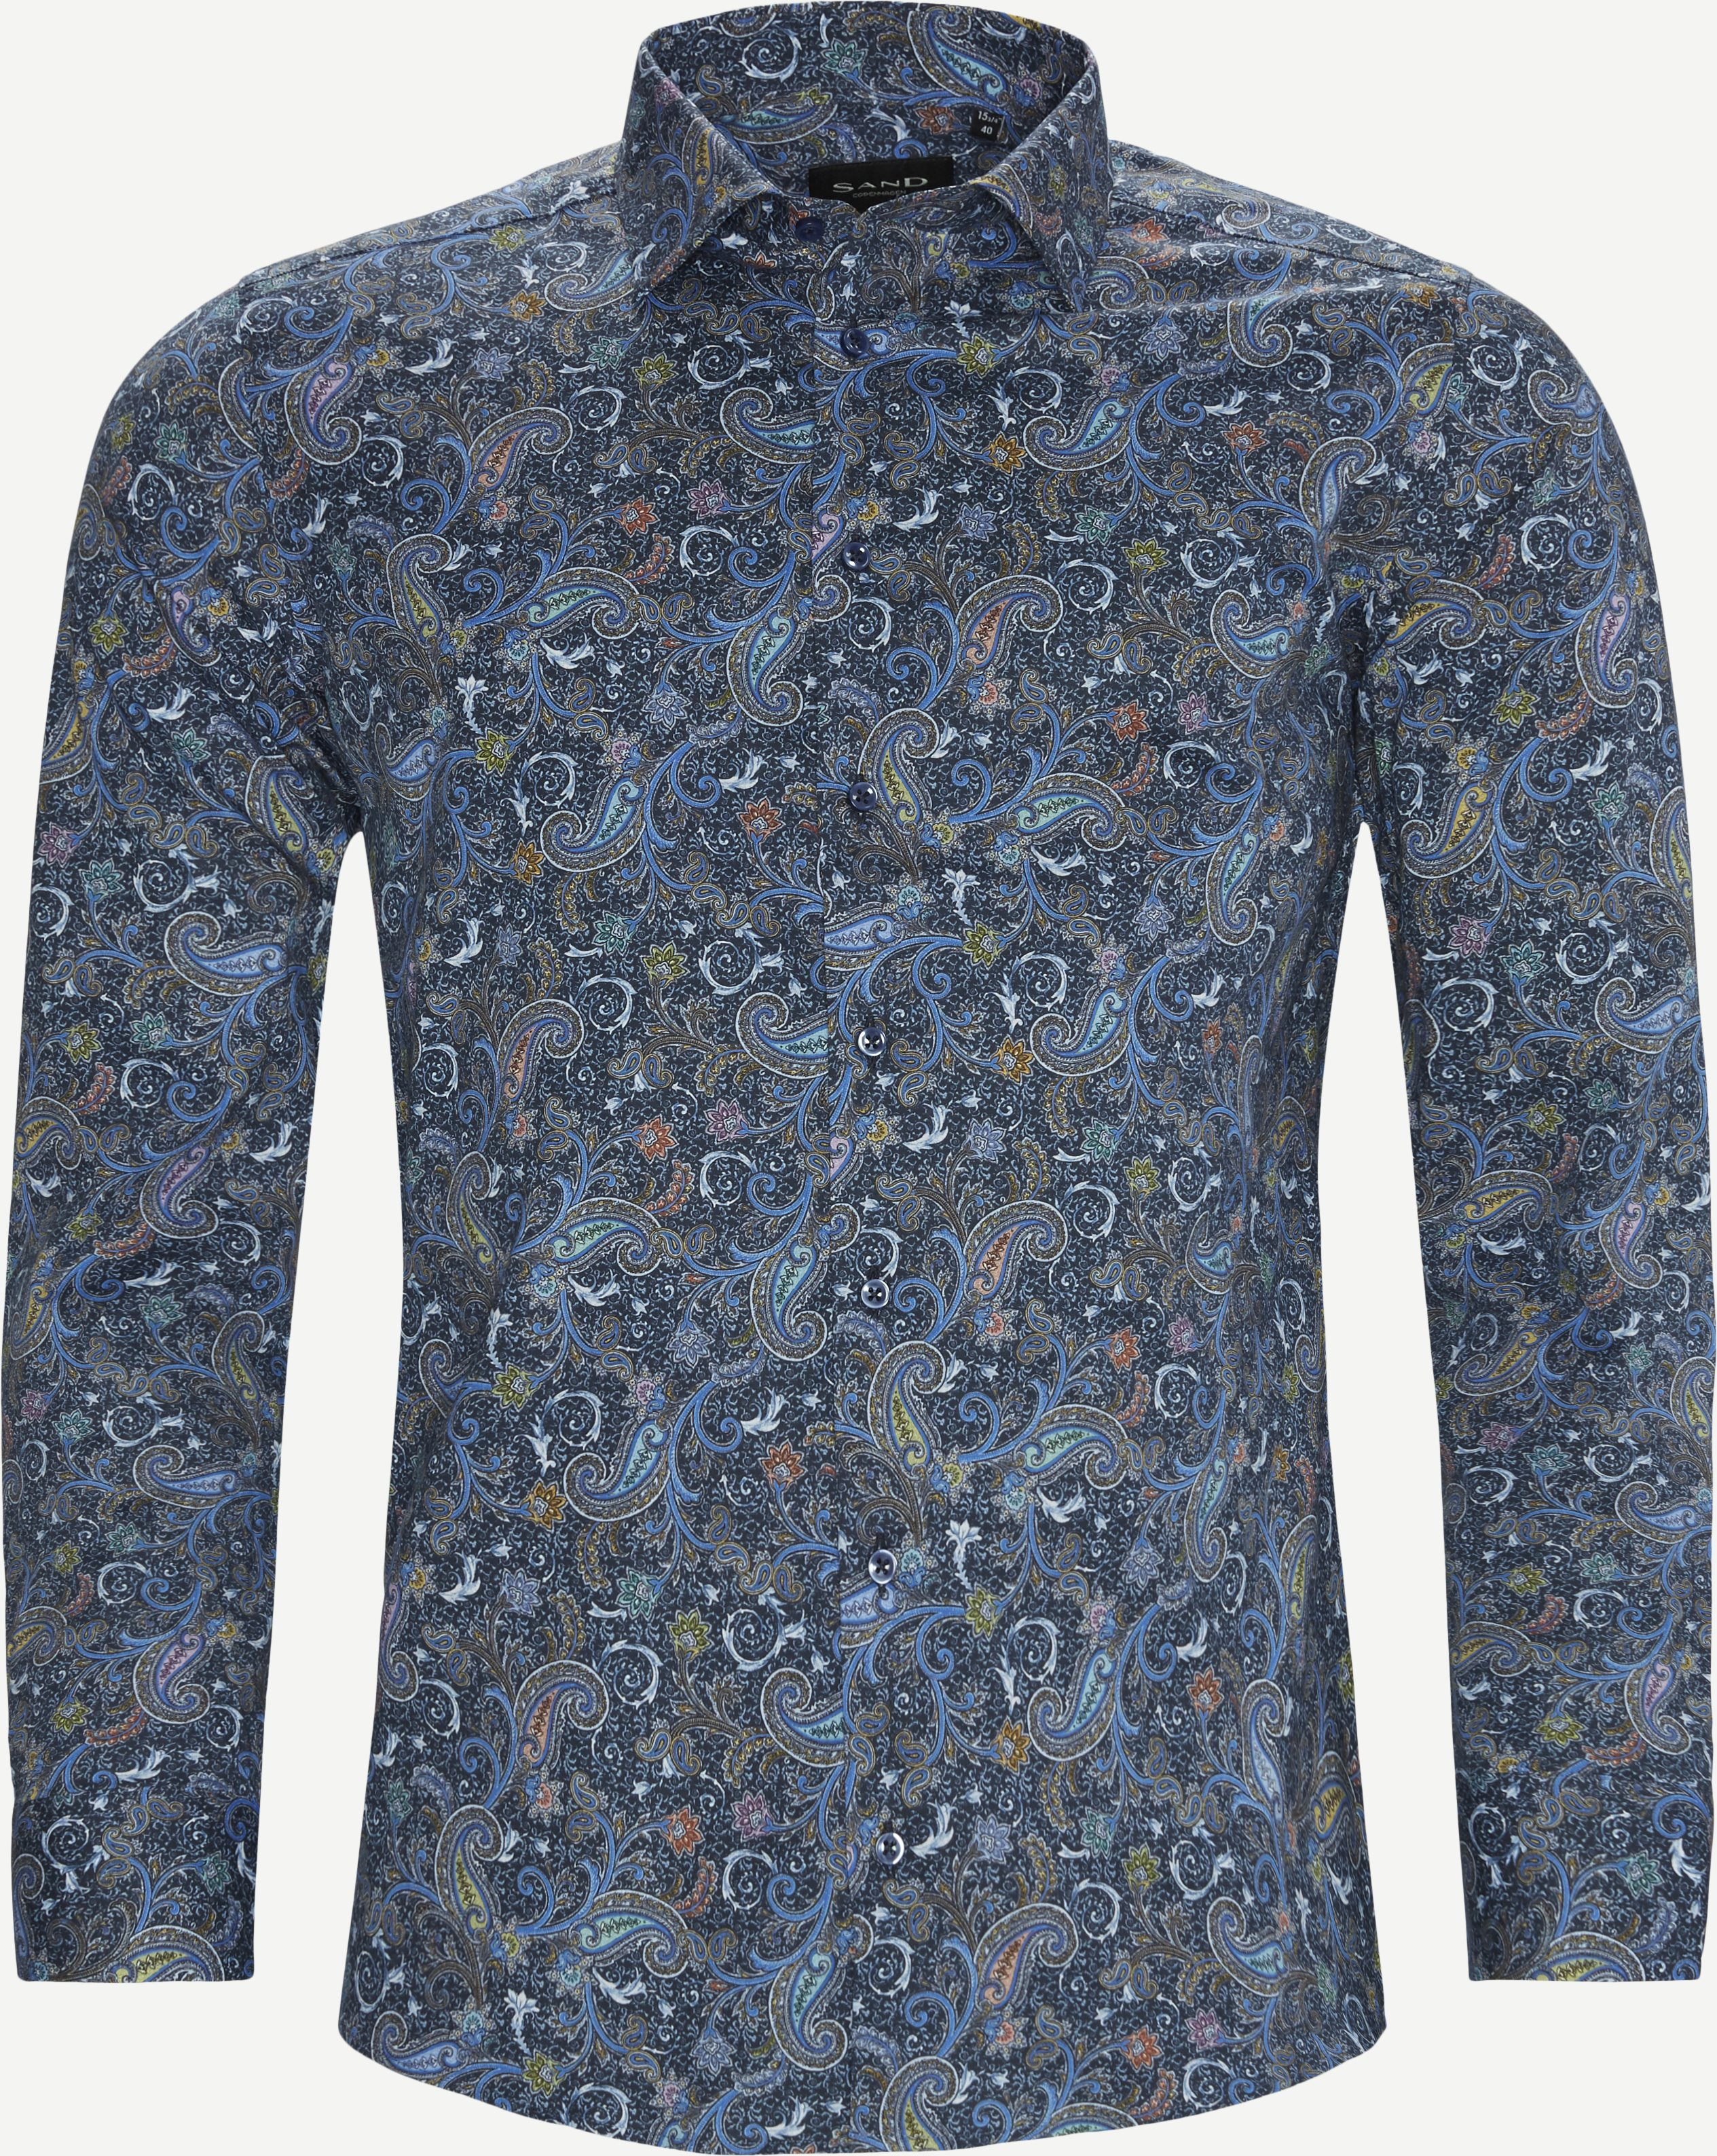 8639 Iver 2/State N 2 Skjorte - Skjorter - Blå